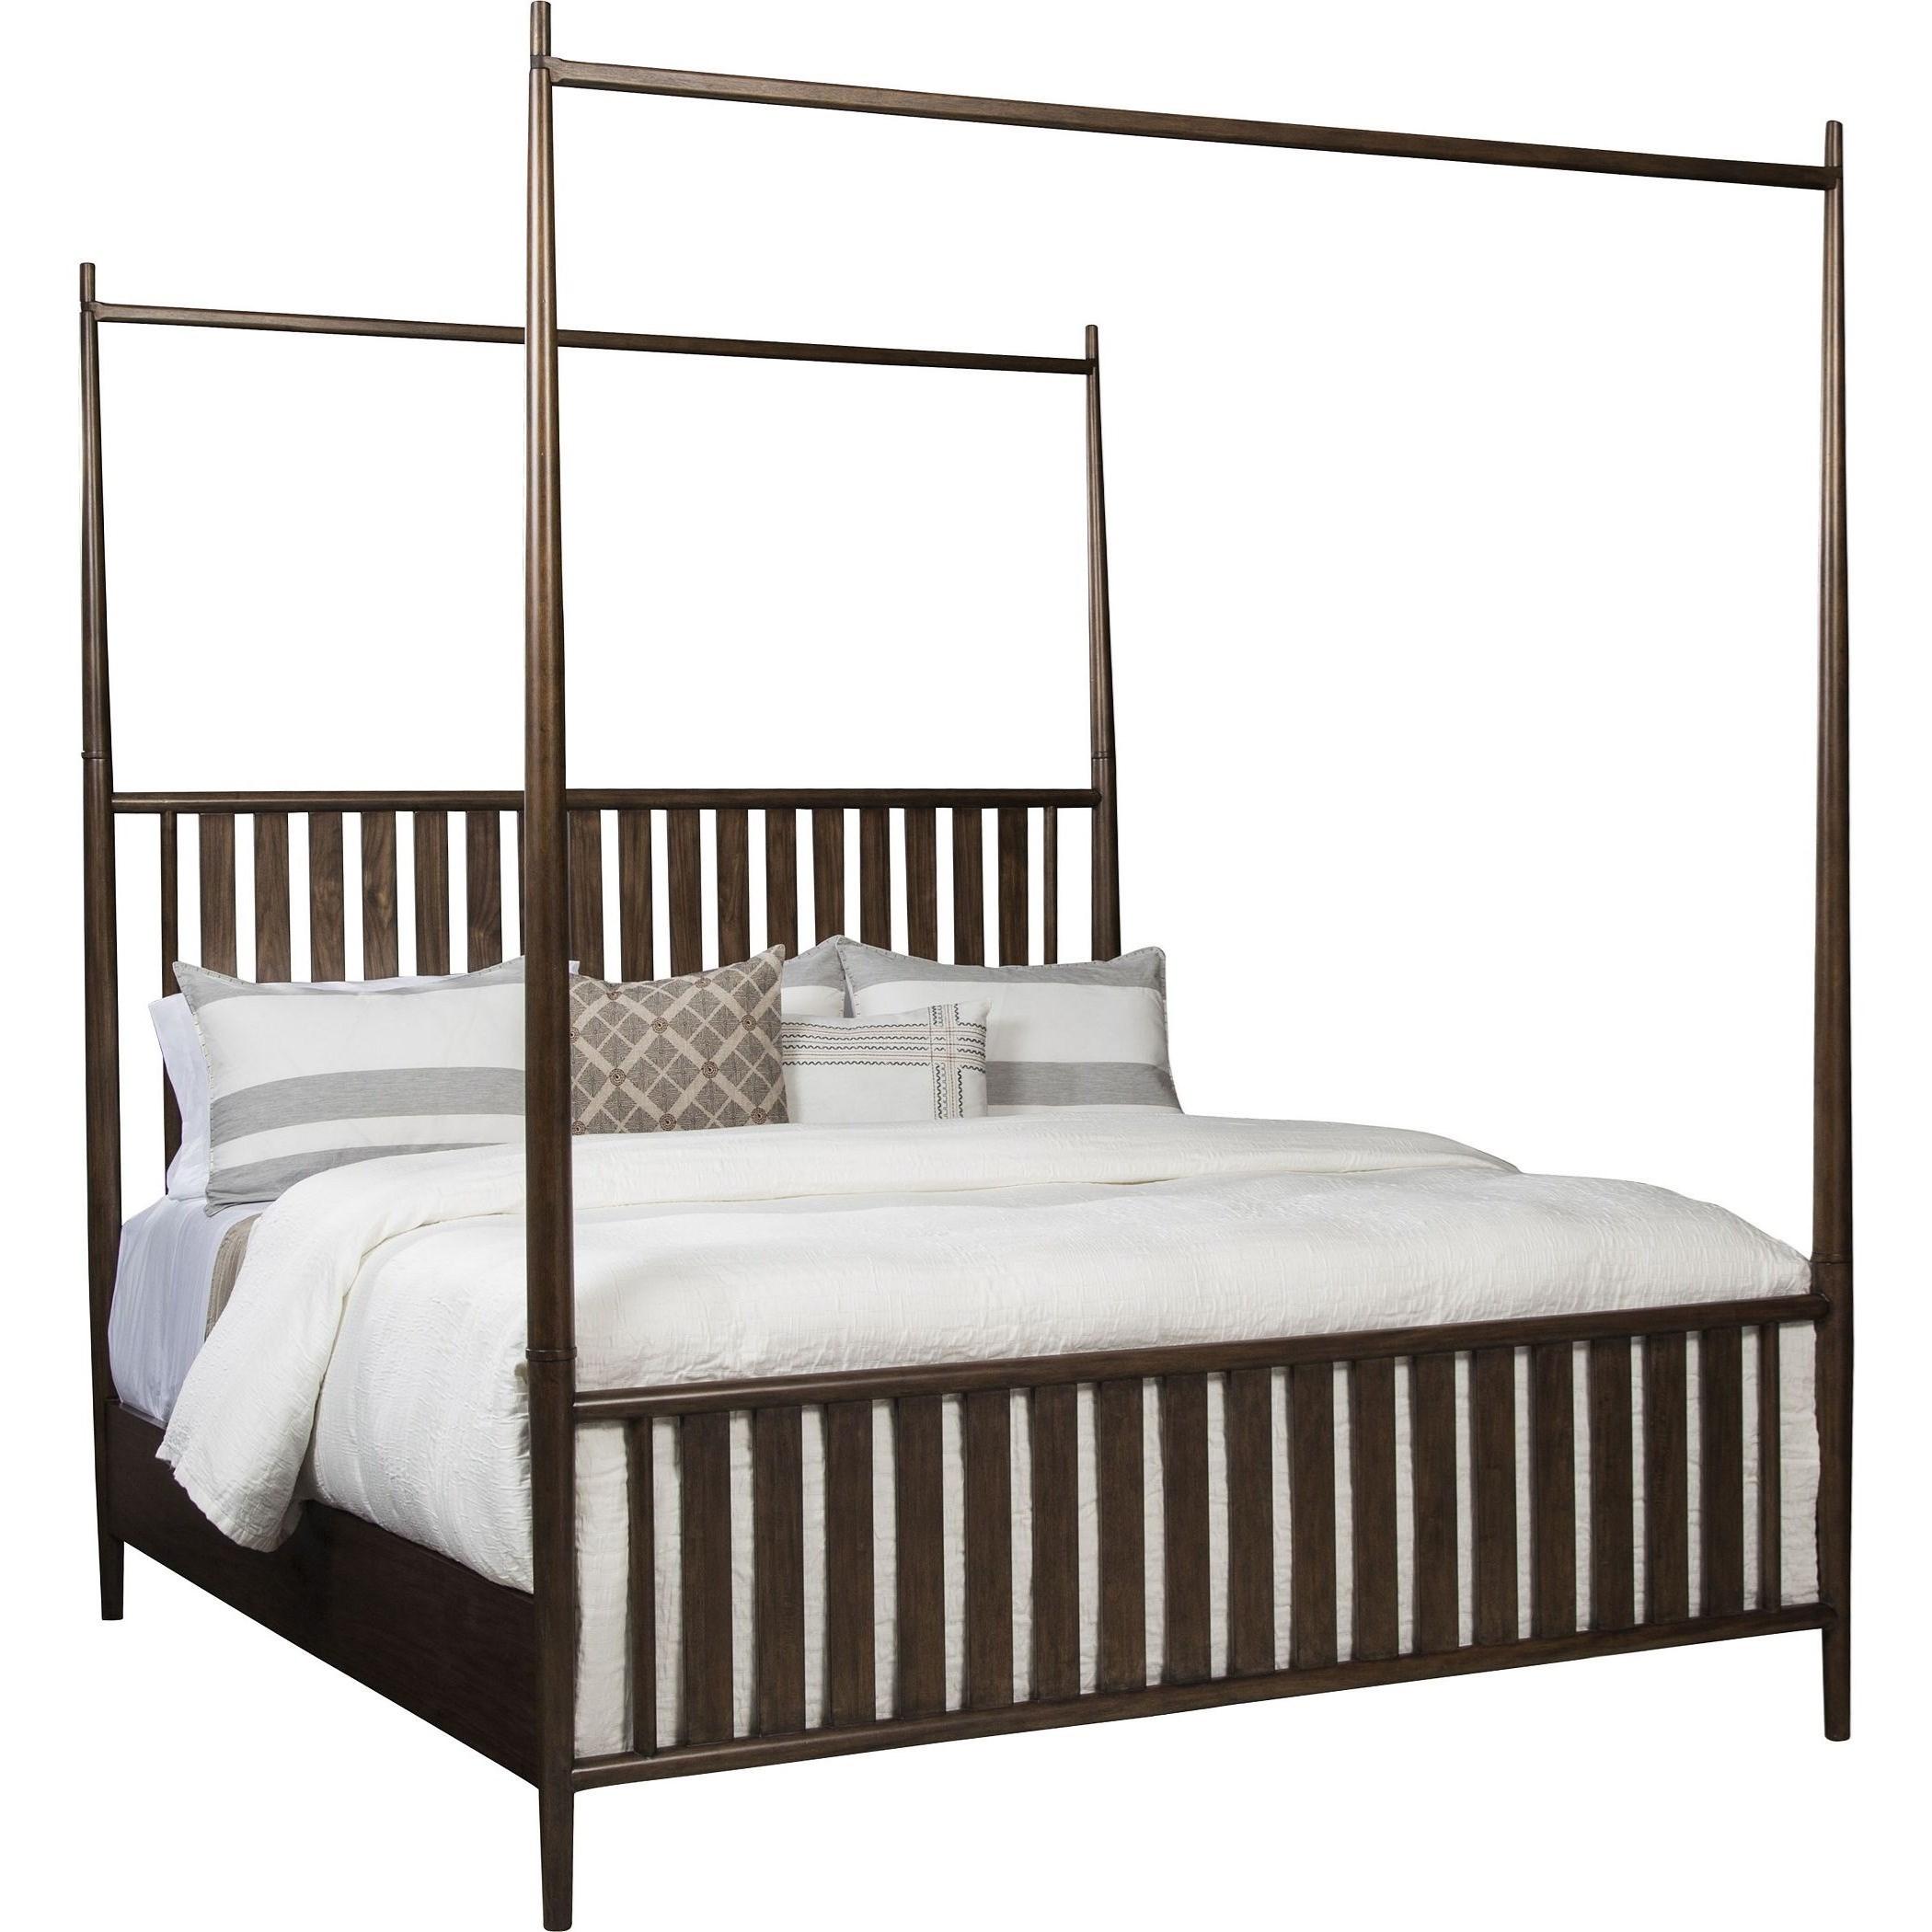 ED Ellen DeGeneres Crafted by Thomasville Ellen DeGeneres Marmont Poster Bed, Queen 5/0 Complete - Item Number: 85811-475